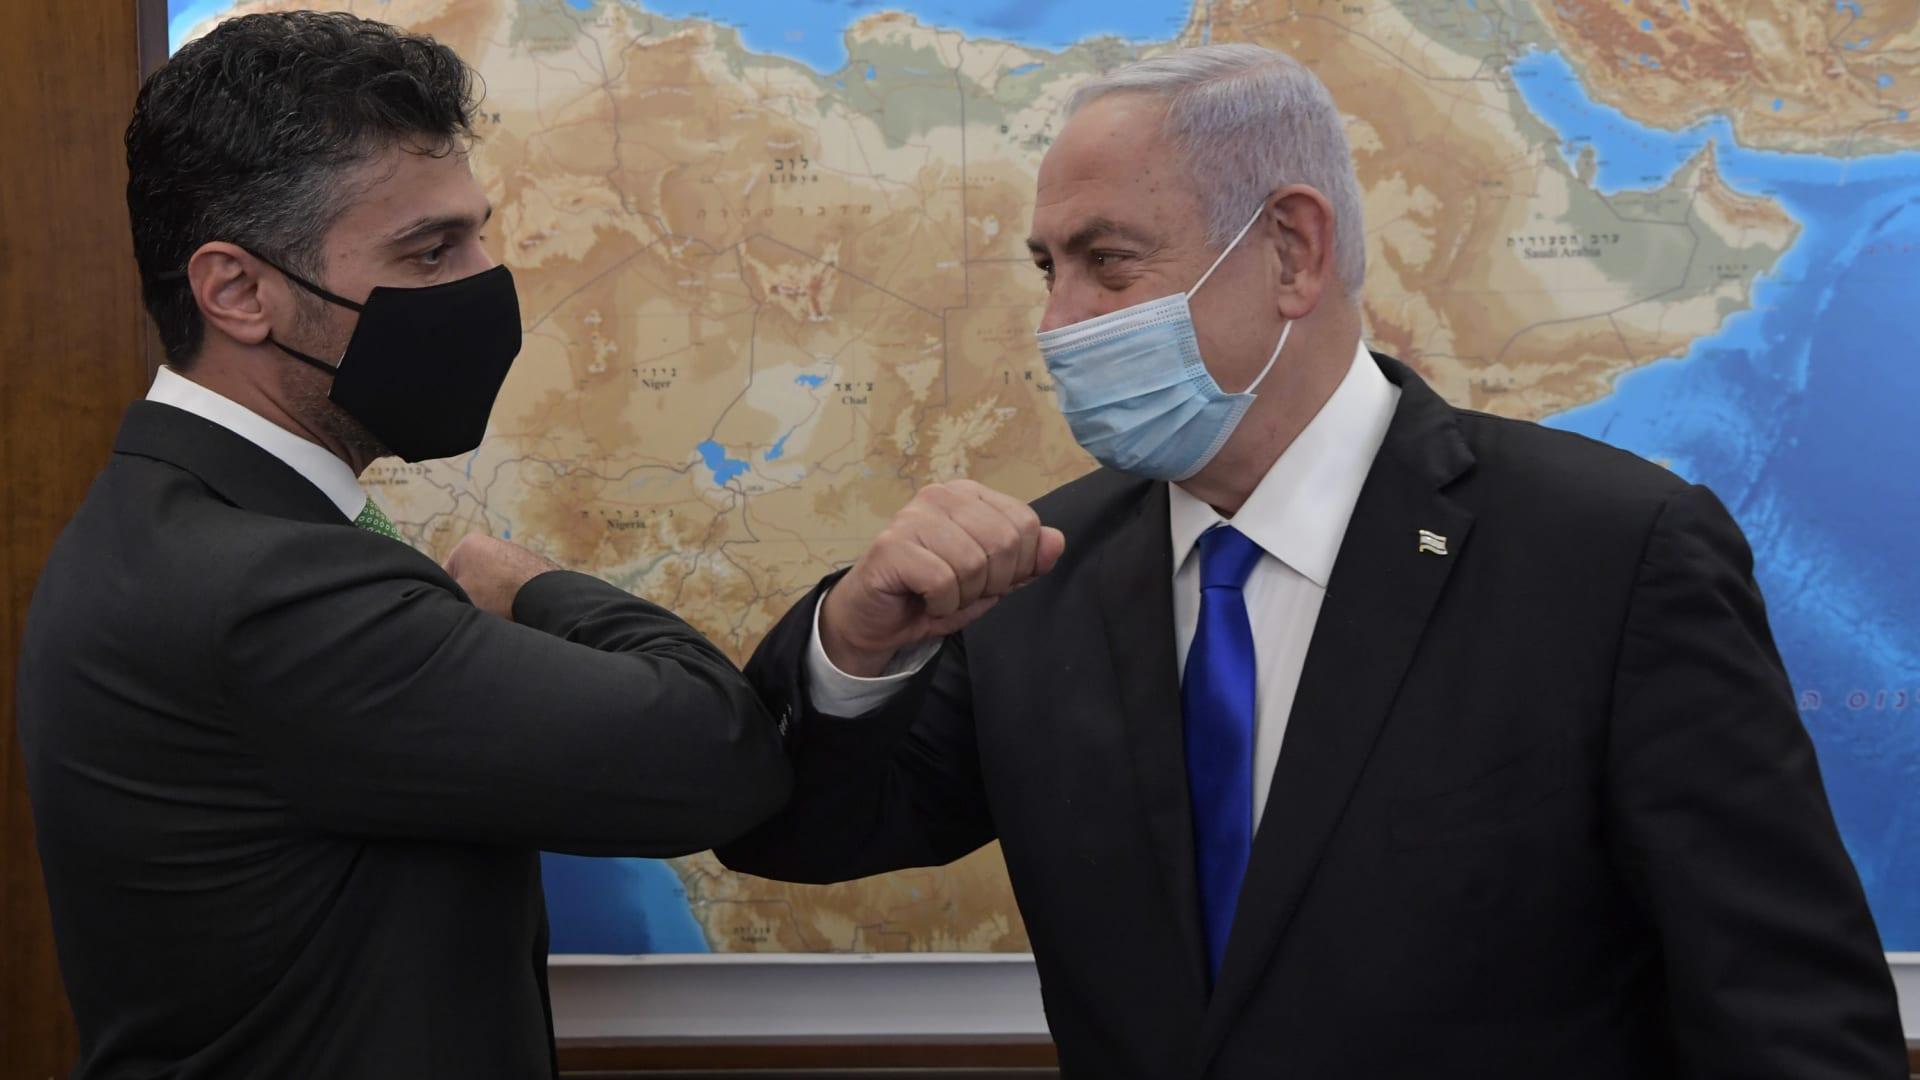 سفير الإمارات لدى إسرائيل يلتقي نتنياهو.. والكشف عما دار بينهما